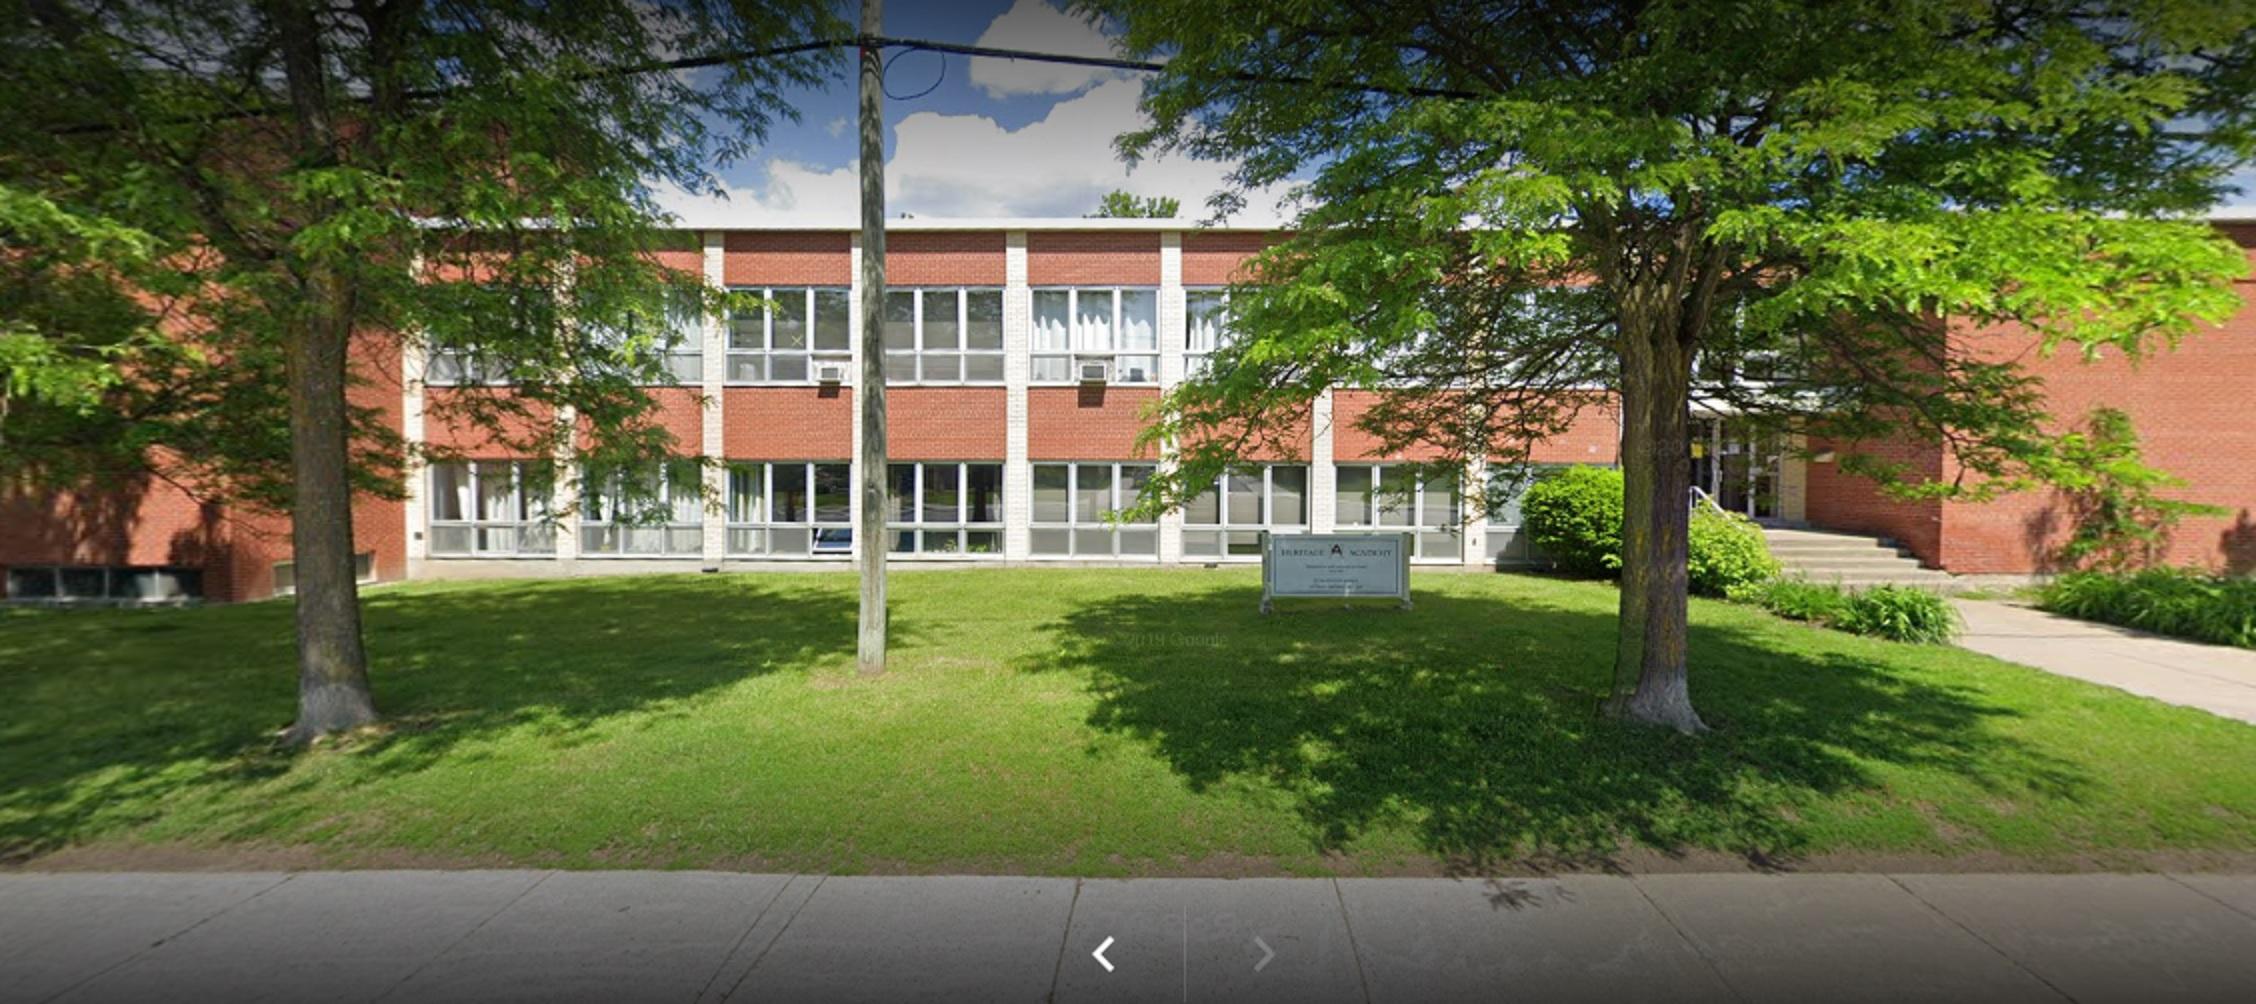 School.Front.